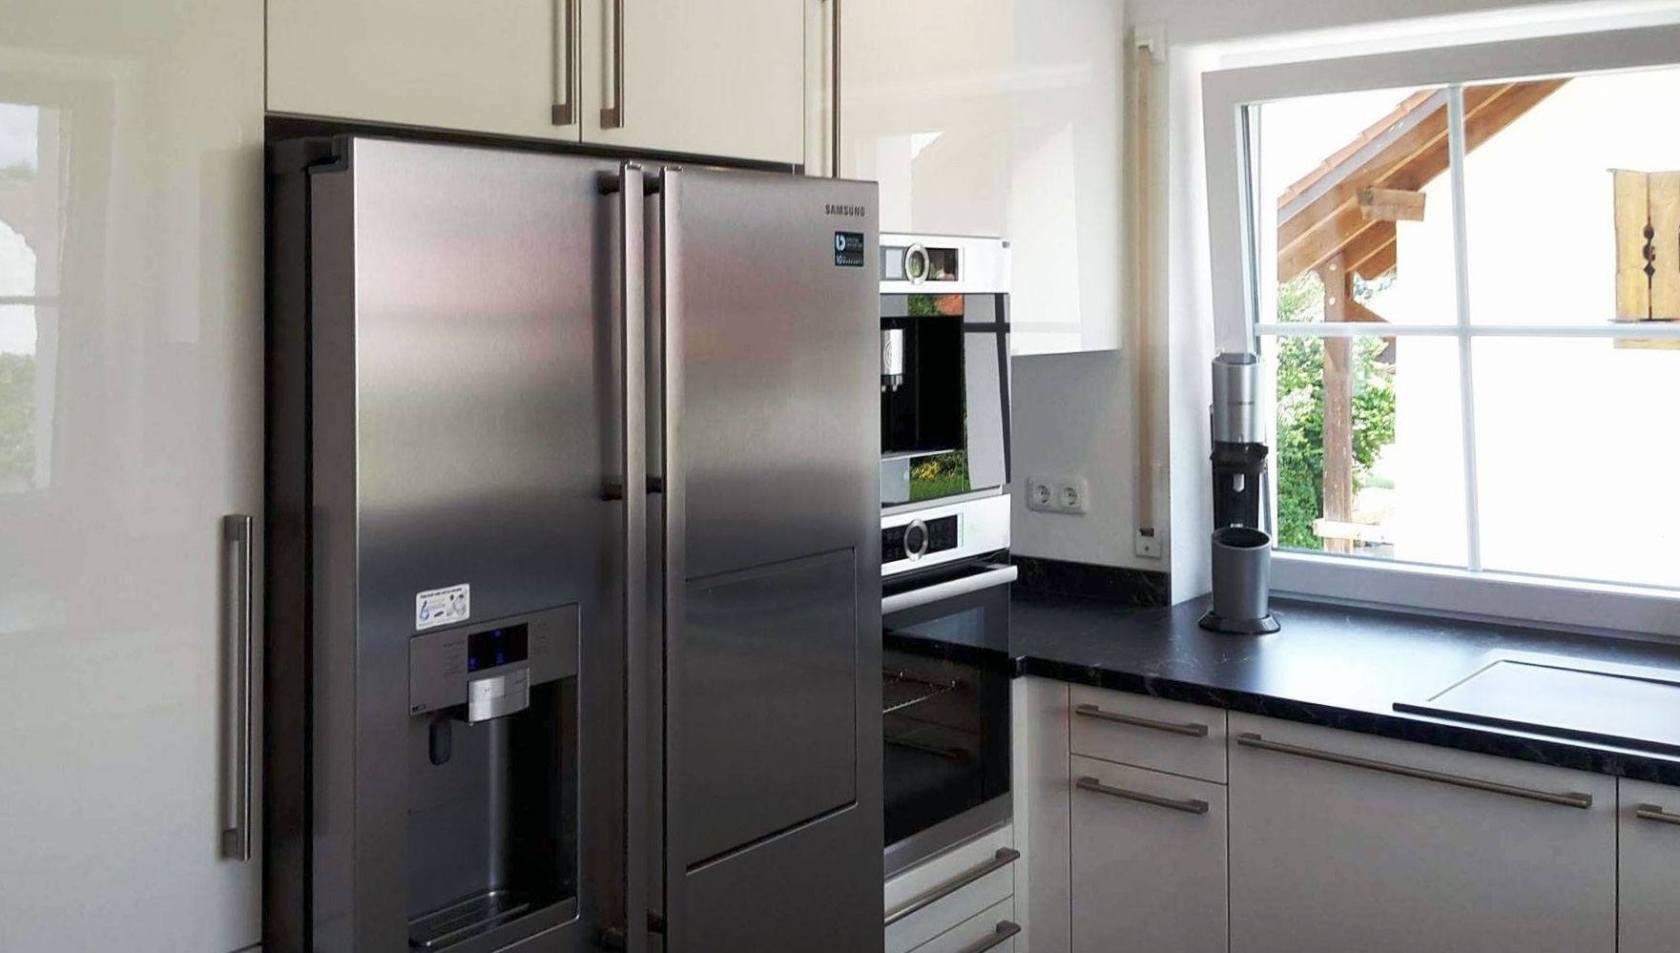 Side By Side Kühlschrank Größe : Küche mit integriertem side by side in hausen küchen blank das